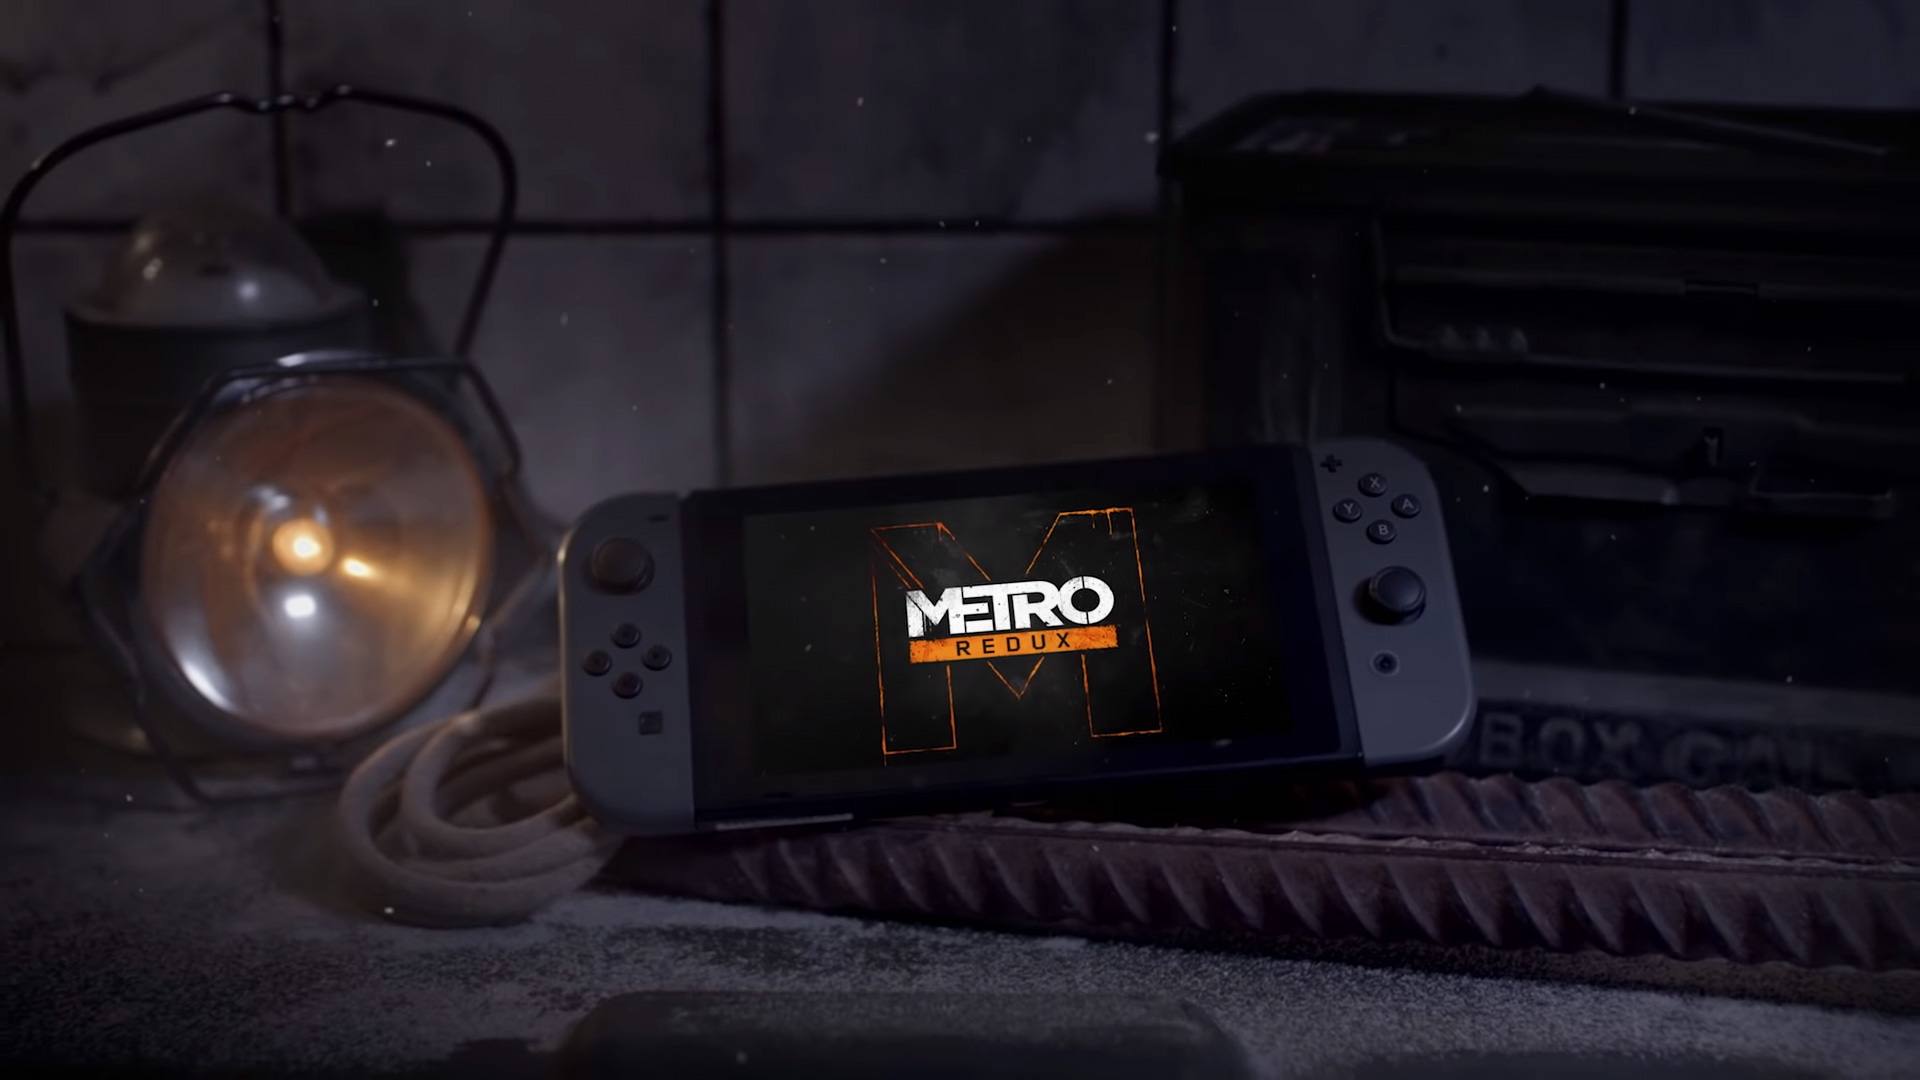 Zagraj w Metro w metrze! Metro Redux zapowiedziane na Nintendo Switch 15